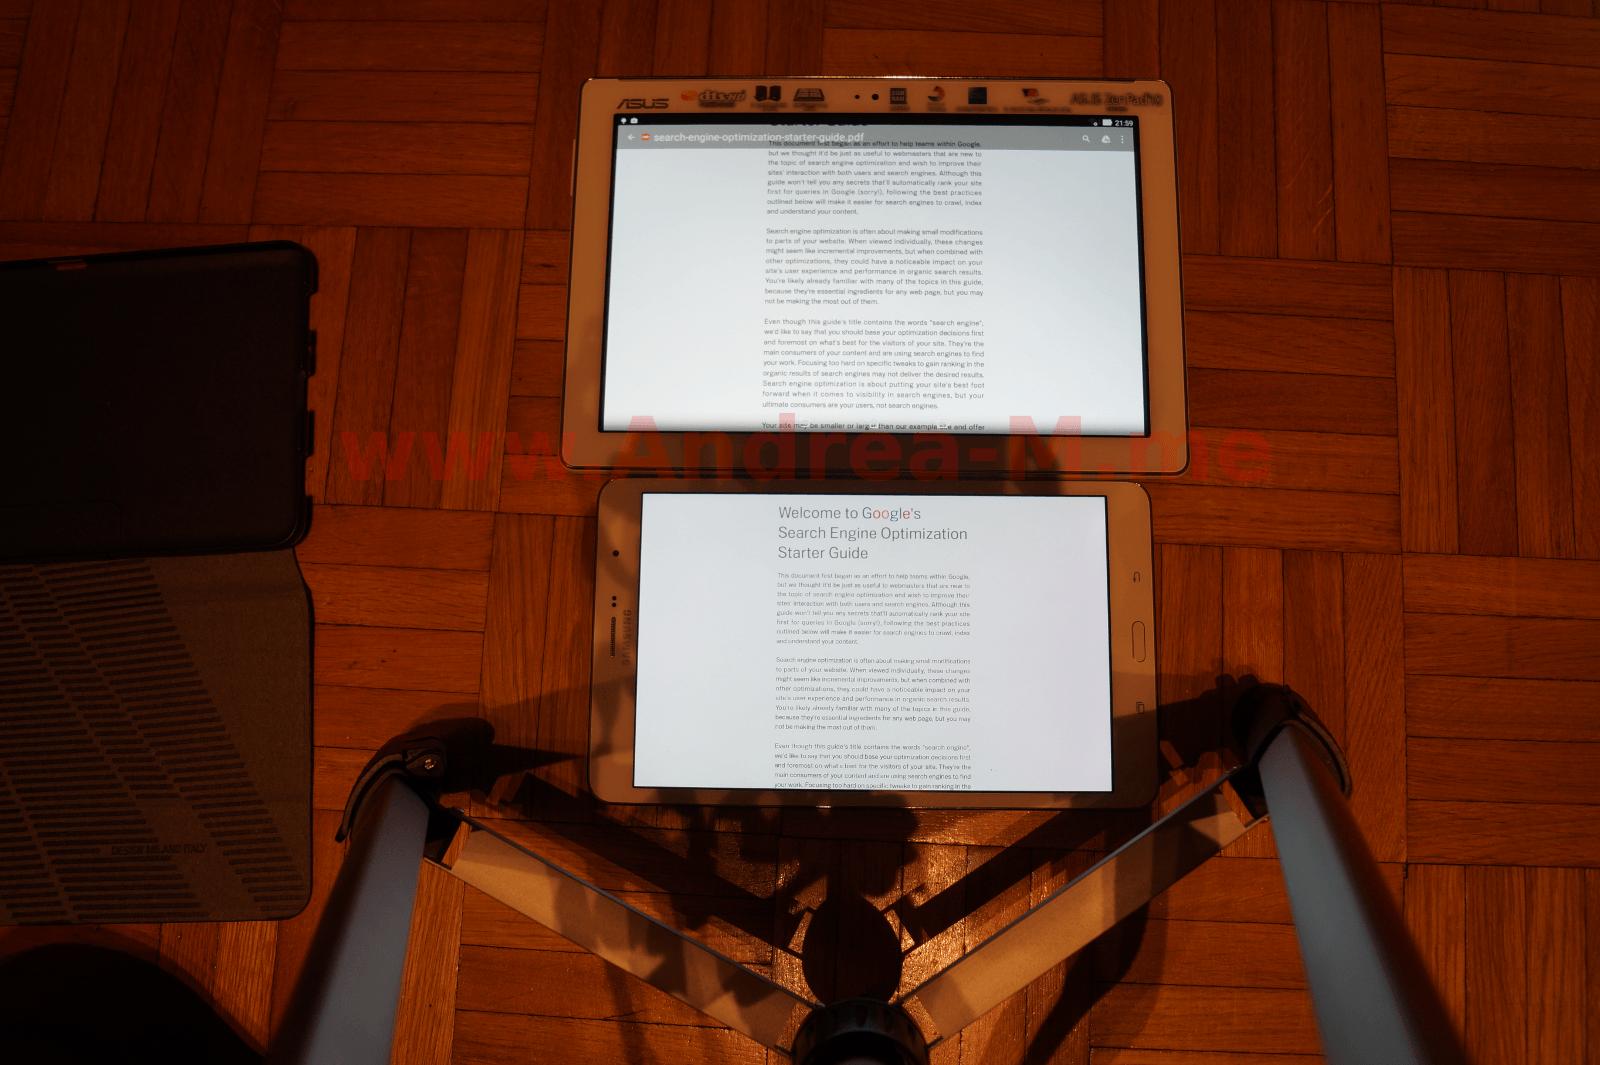 Tablet a Confronto in Modalità Landscape Senza Zoom